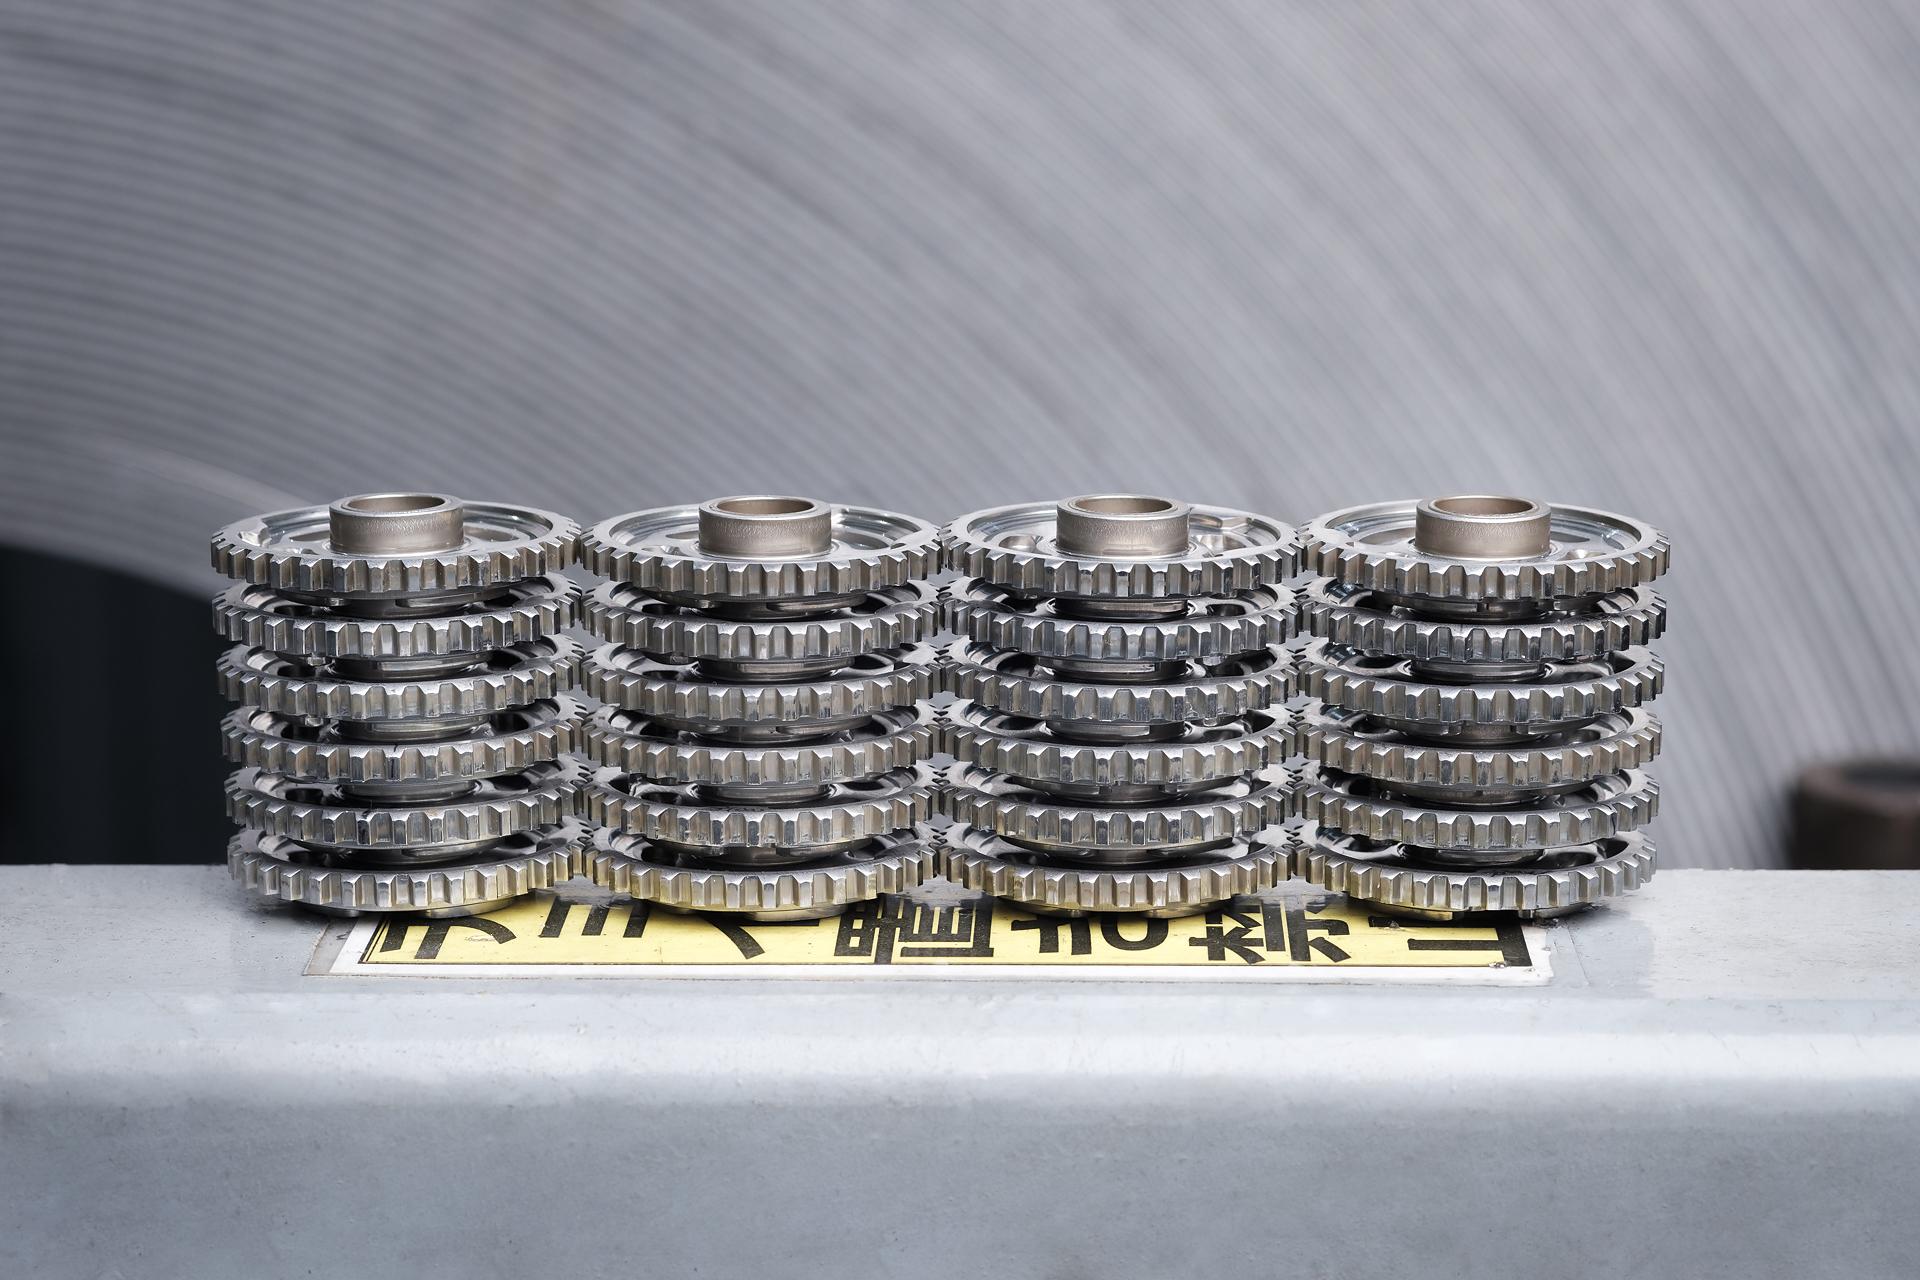 180920-Tokoname-plant-491-1